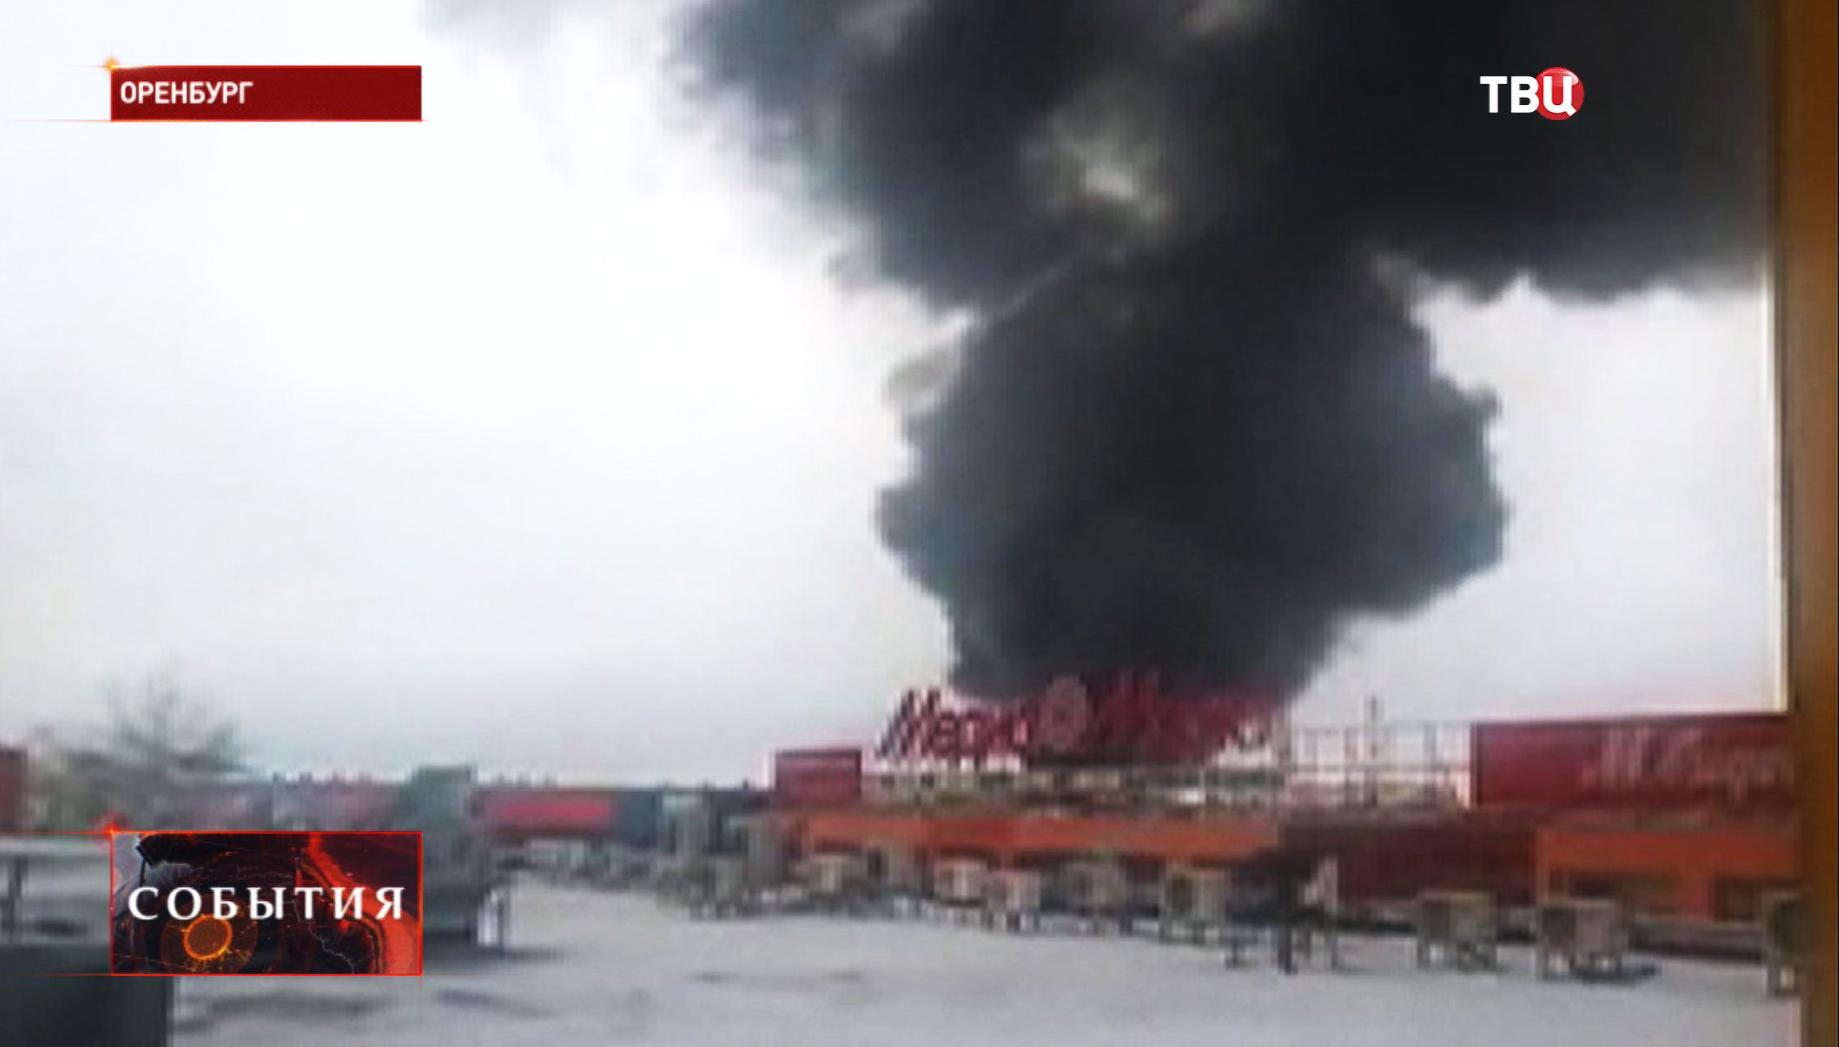 Возгорание в одном из торговых центров Оренбурга